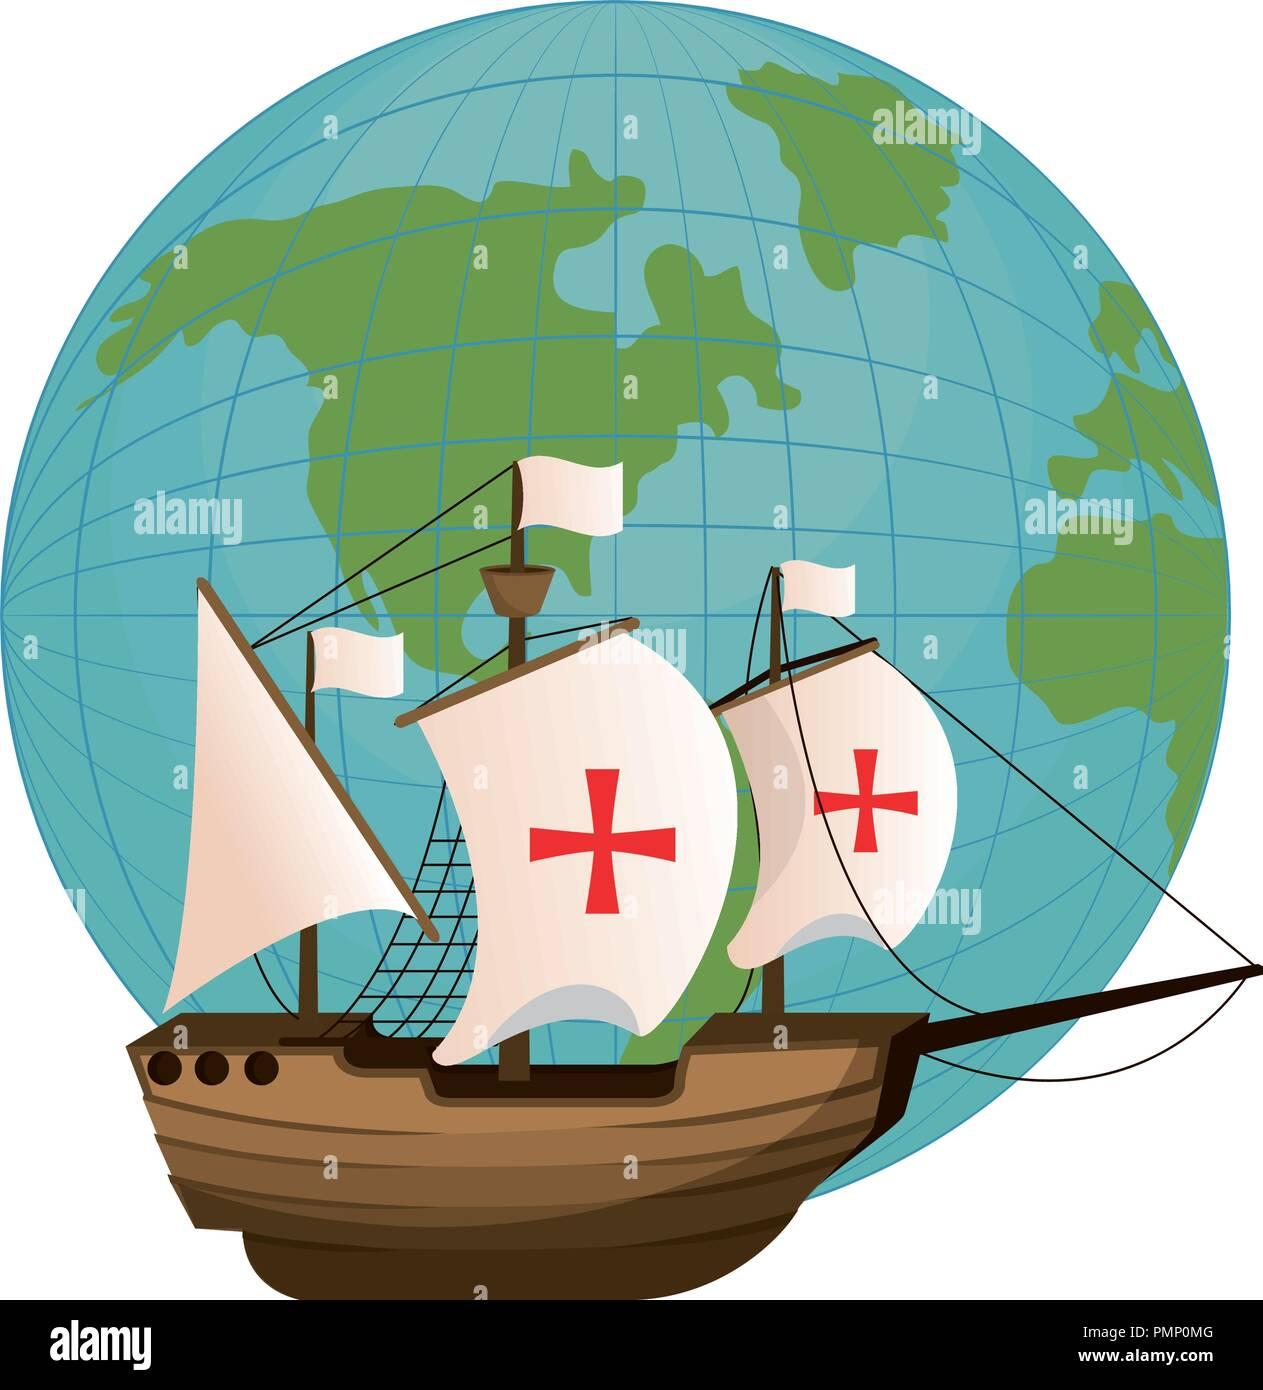 global planet and wood ship navigation - Stock Image